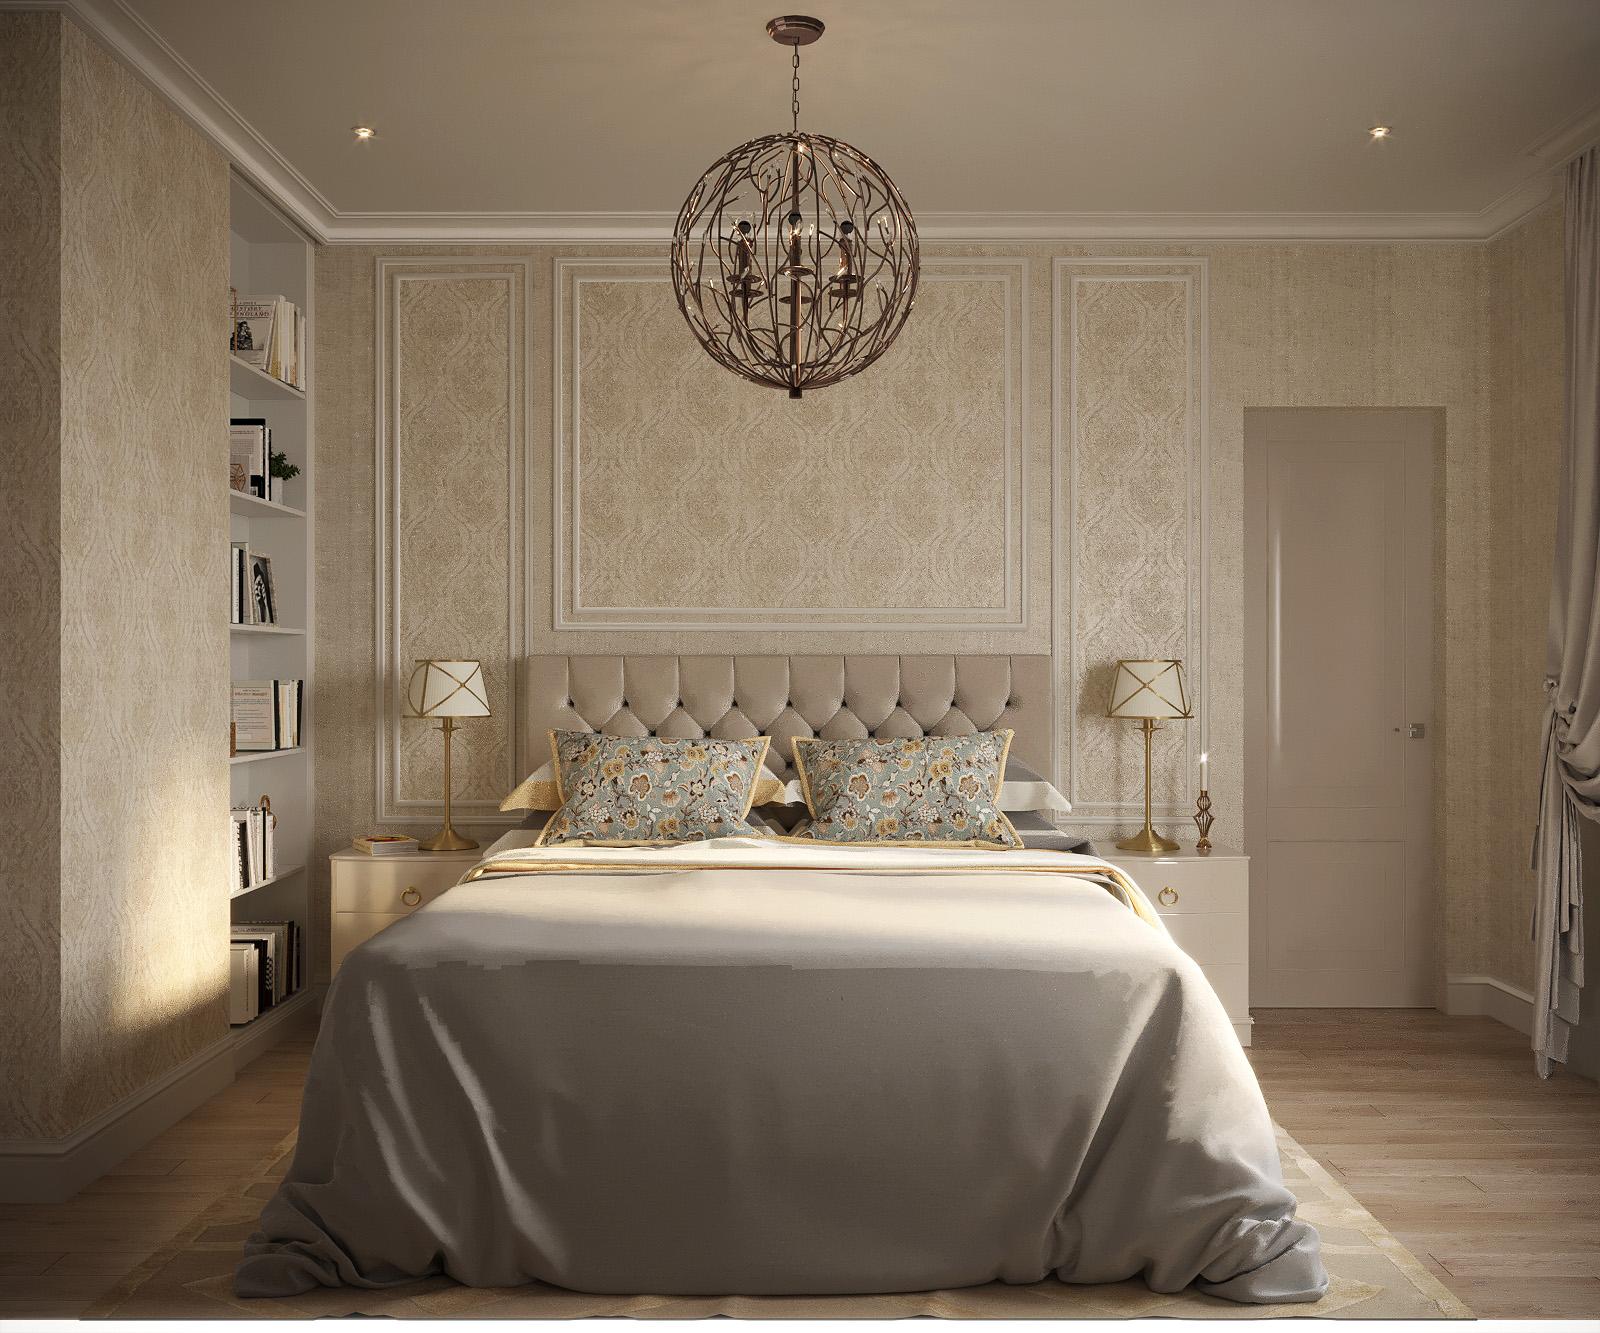 क्लासिक शैली का बेडरूम 3d max corona render में प्रस्तुत छवि